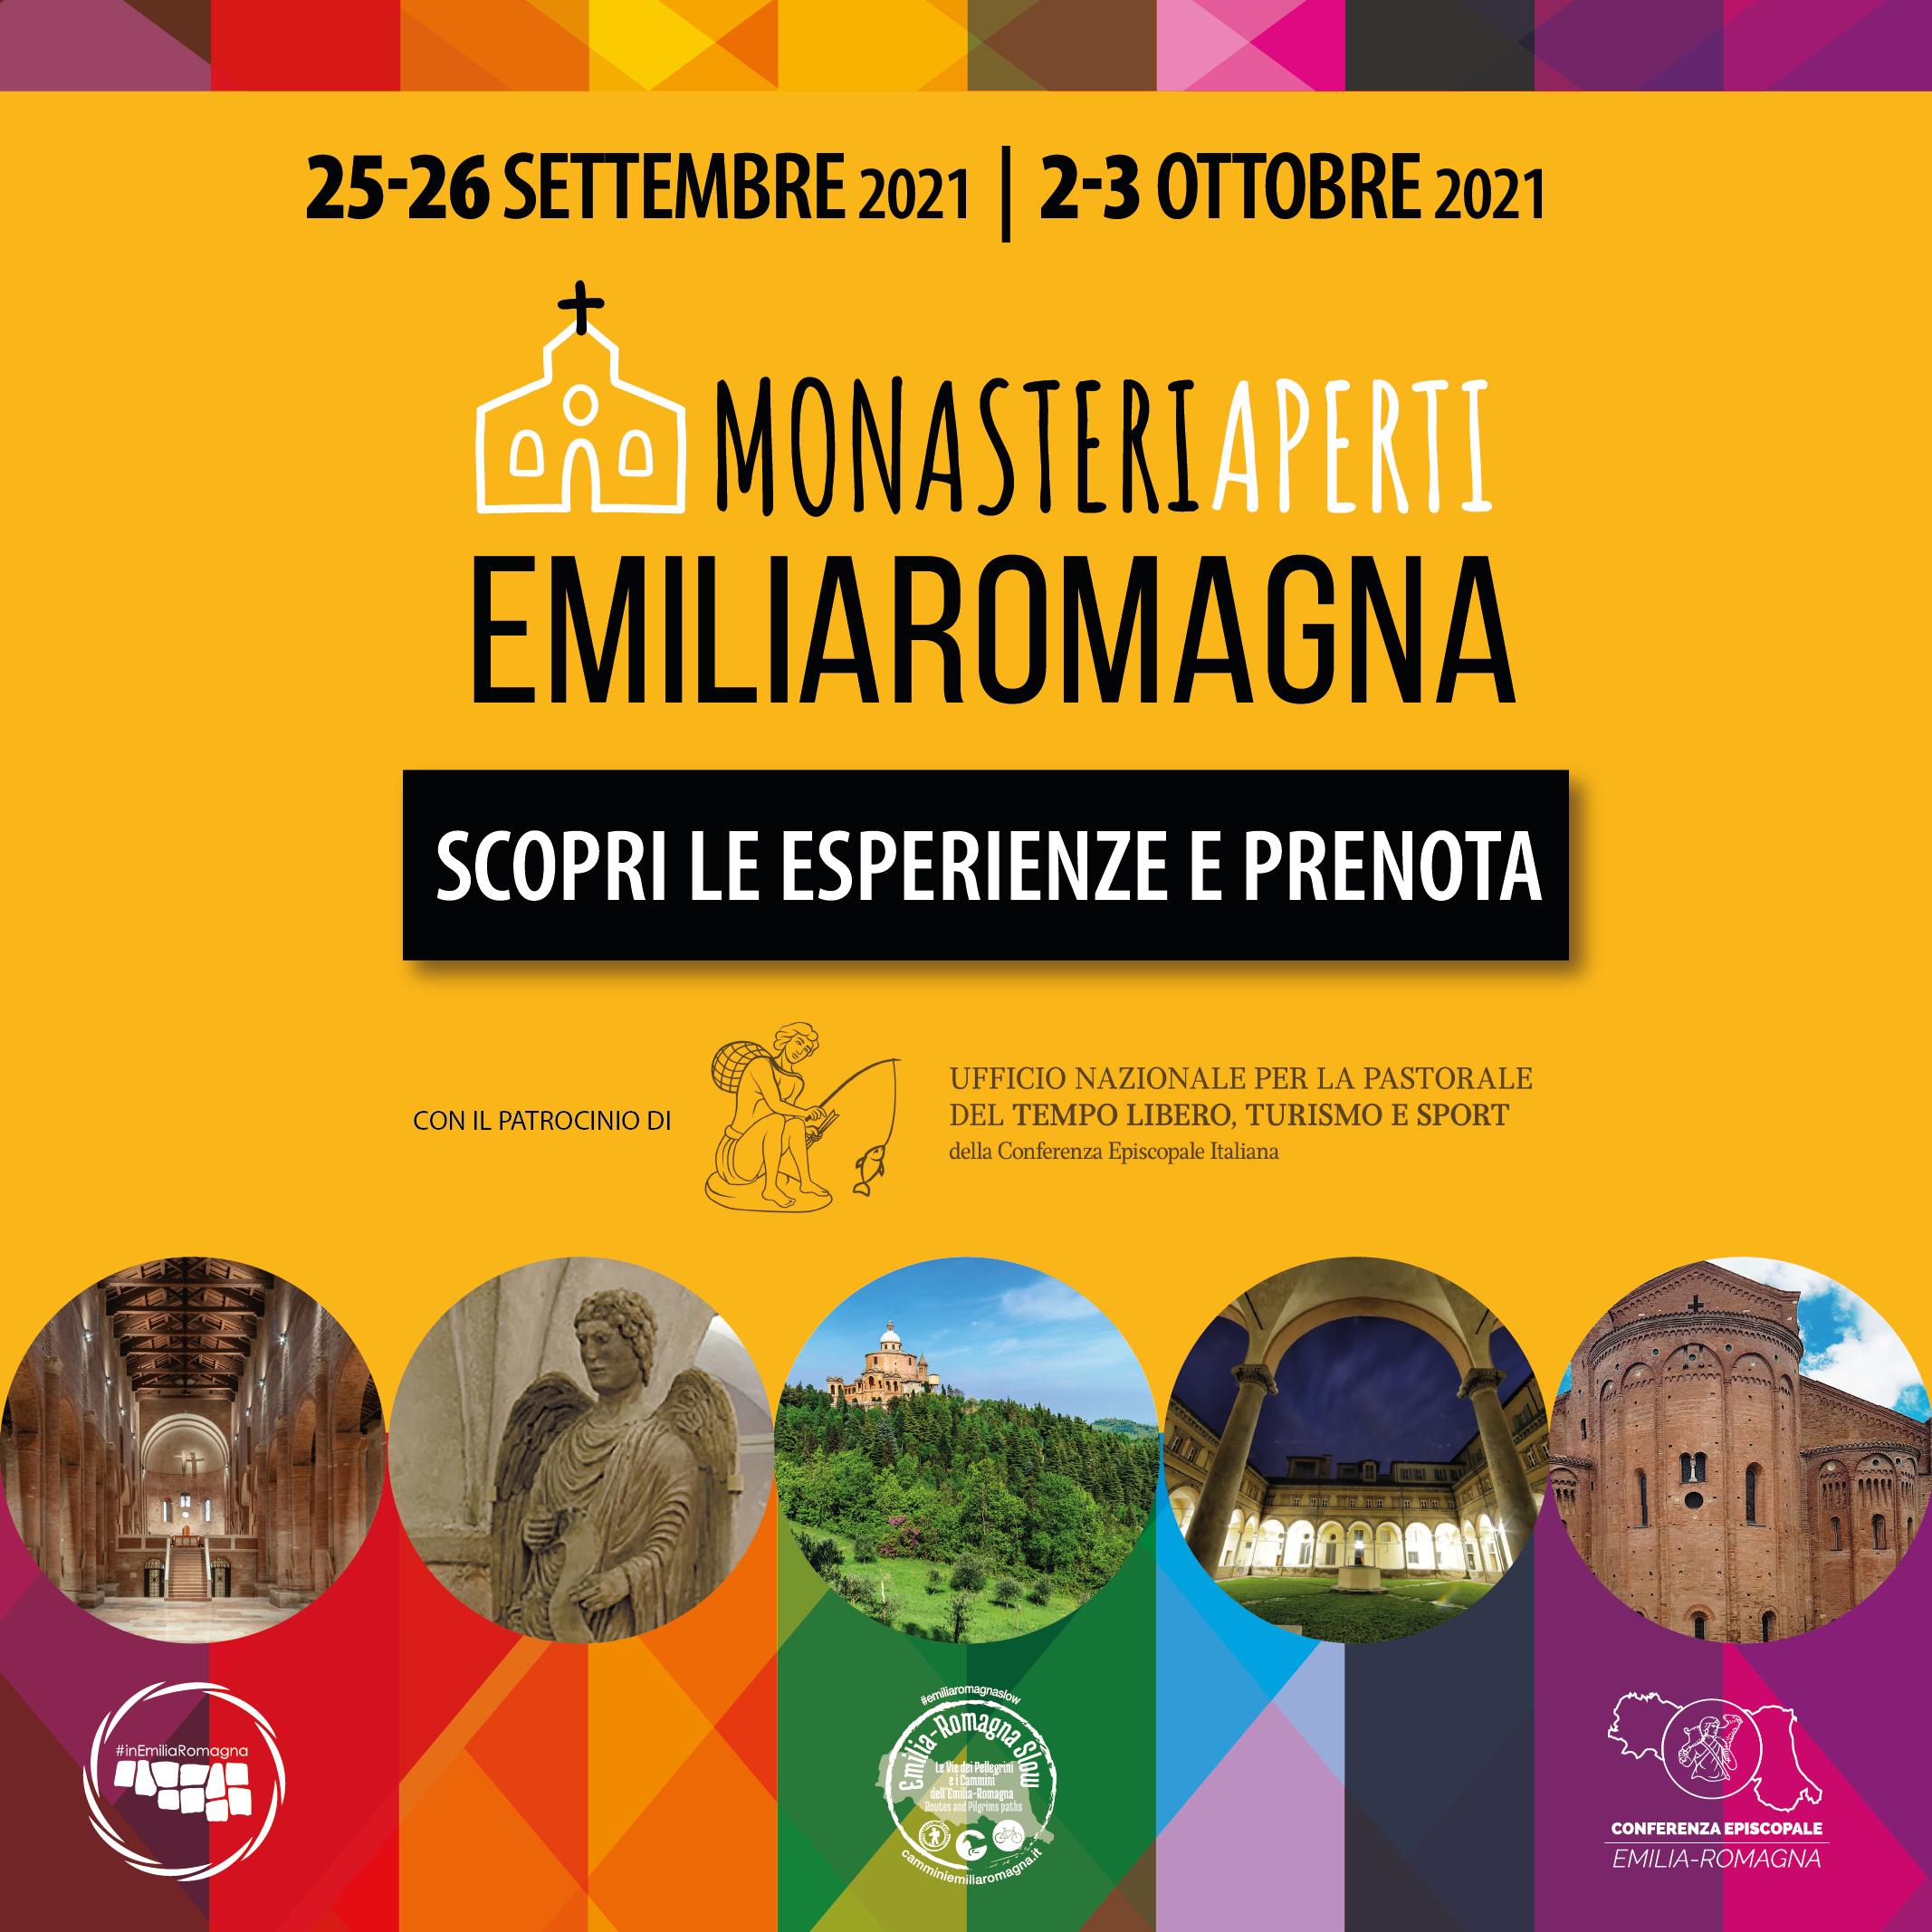 Monasteri Aperti Emilia Romagna Autunno 2021 - MONASTERI APERTI EMILIA ROMAGNA 2021